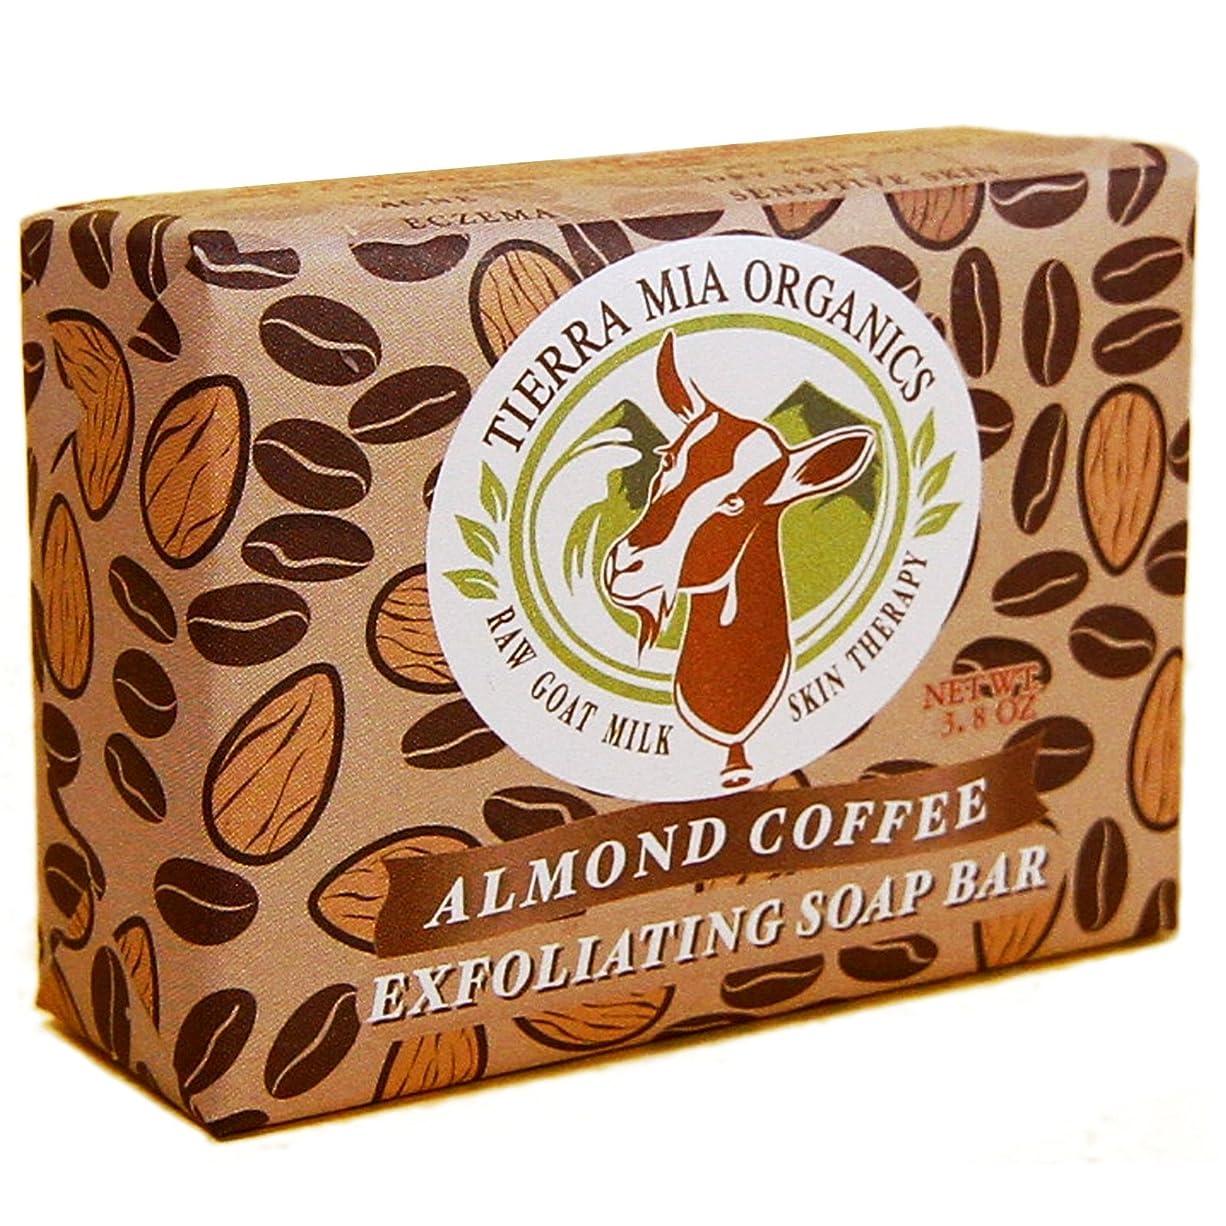 アサー認識誘惑するTierra Mia Organics, Raw Goat Milk Skin Therapy, Exfoliating Soap Bar, Almond Coffee, 3.8 oz